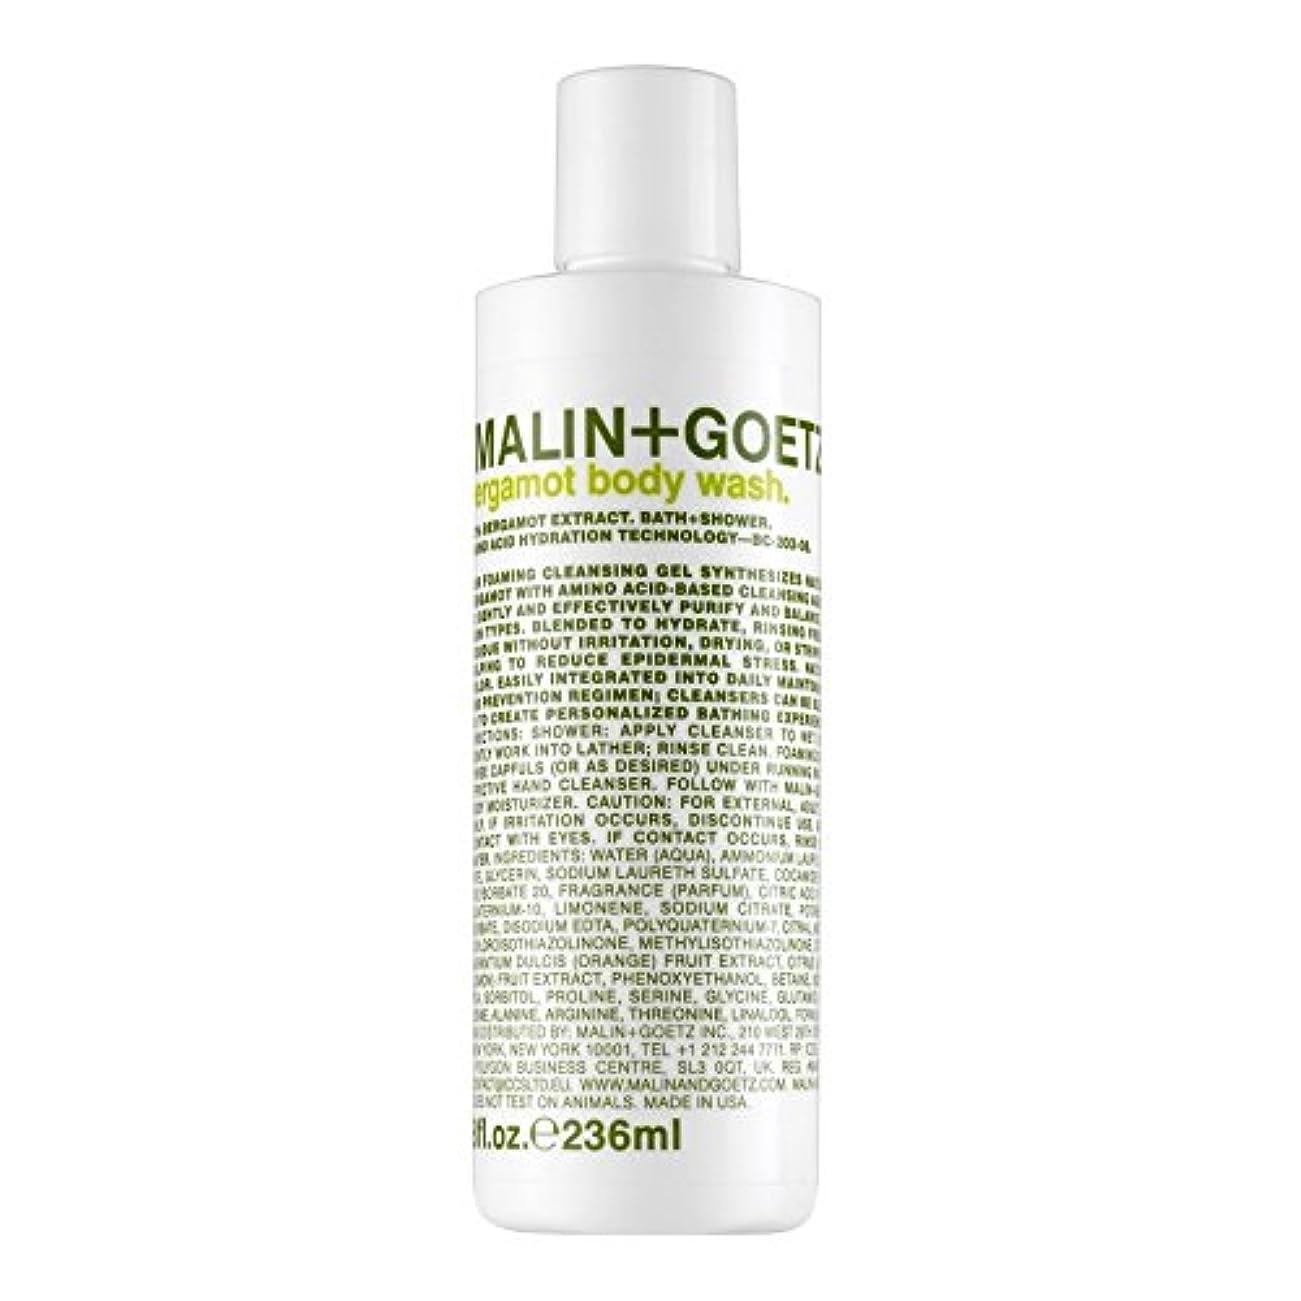 ピット見つける犯すマリン+ゲッツベルガモットボディウォッシュ x4 - MALIN+GOETZ Bergamot Body Wash (Pack of 4) [並行輸入品]